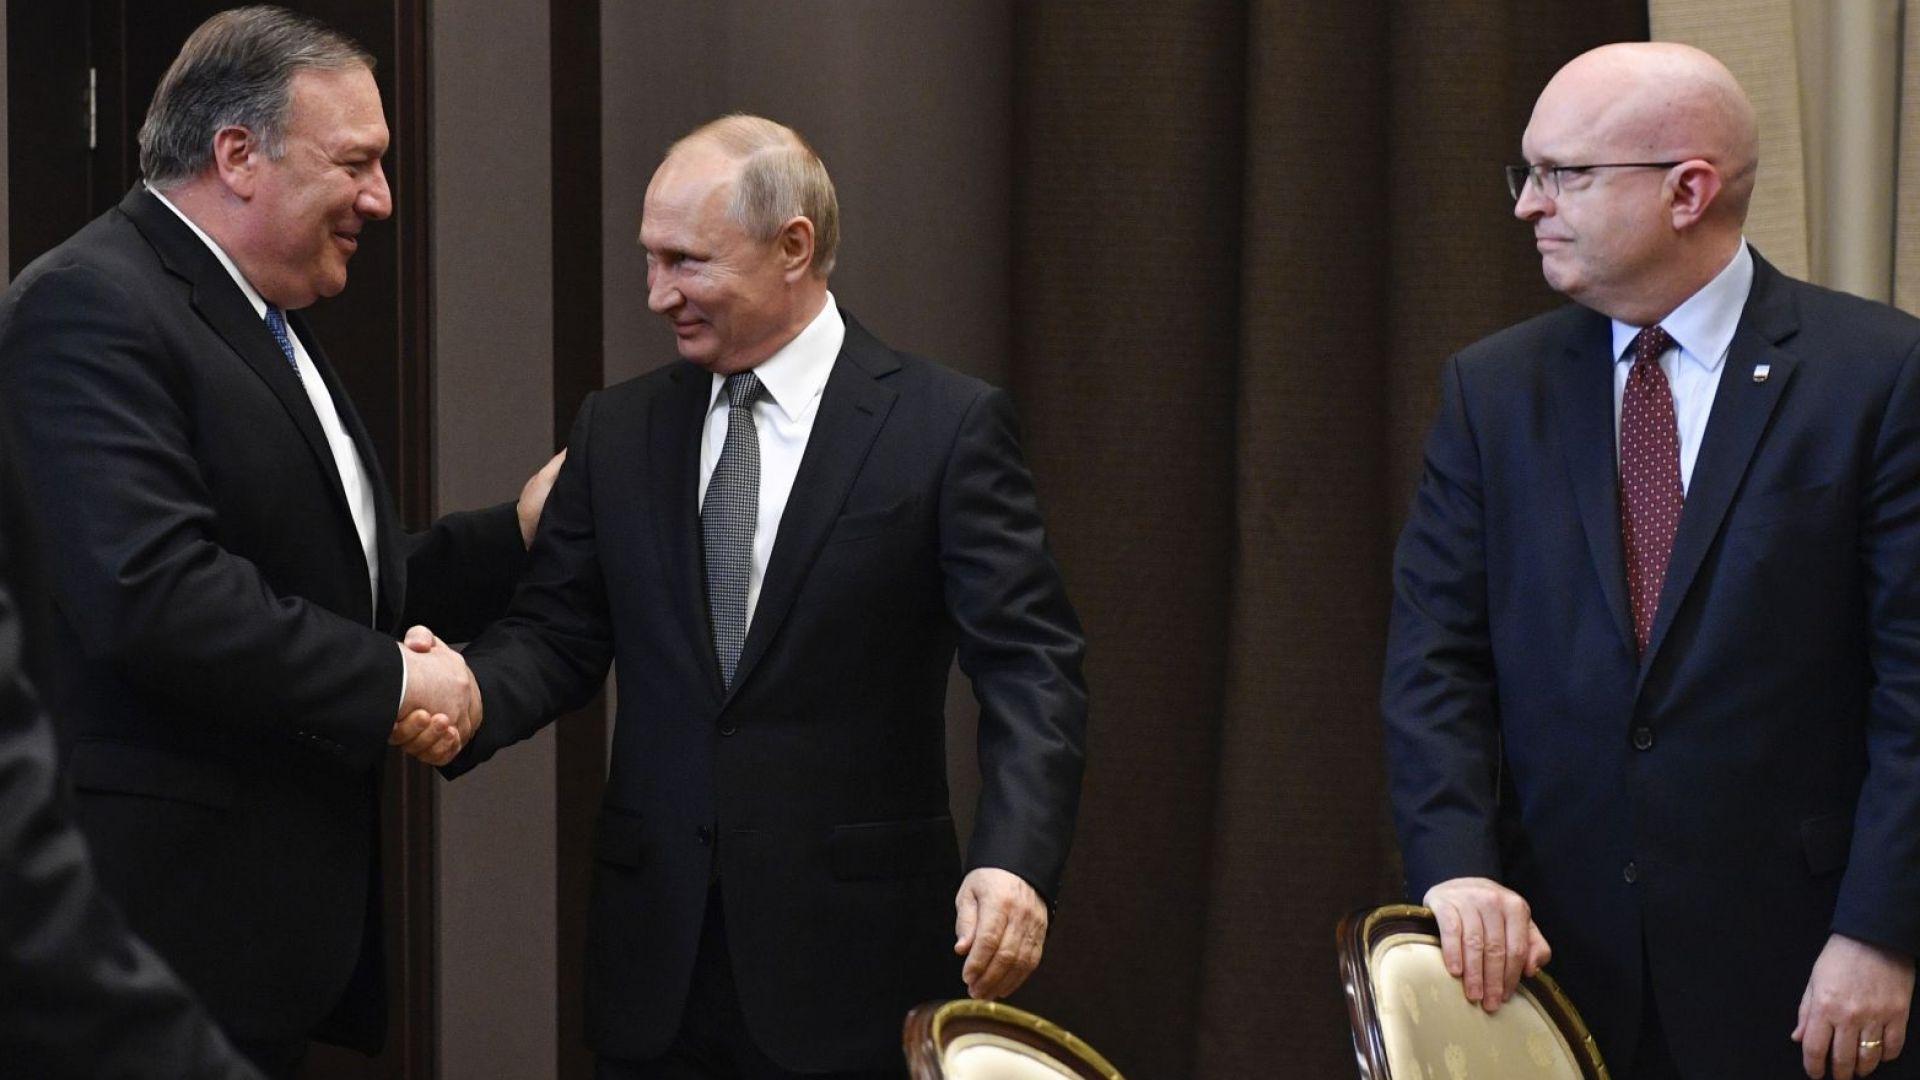 Въпреки различията: Светъл лъч в отношенията Русия-САЩ след срещата на Путин с Помпейо (снимки)